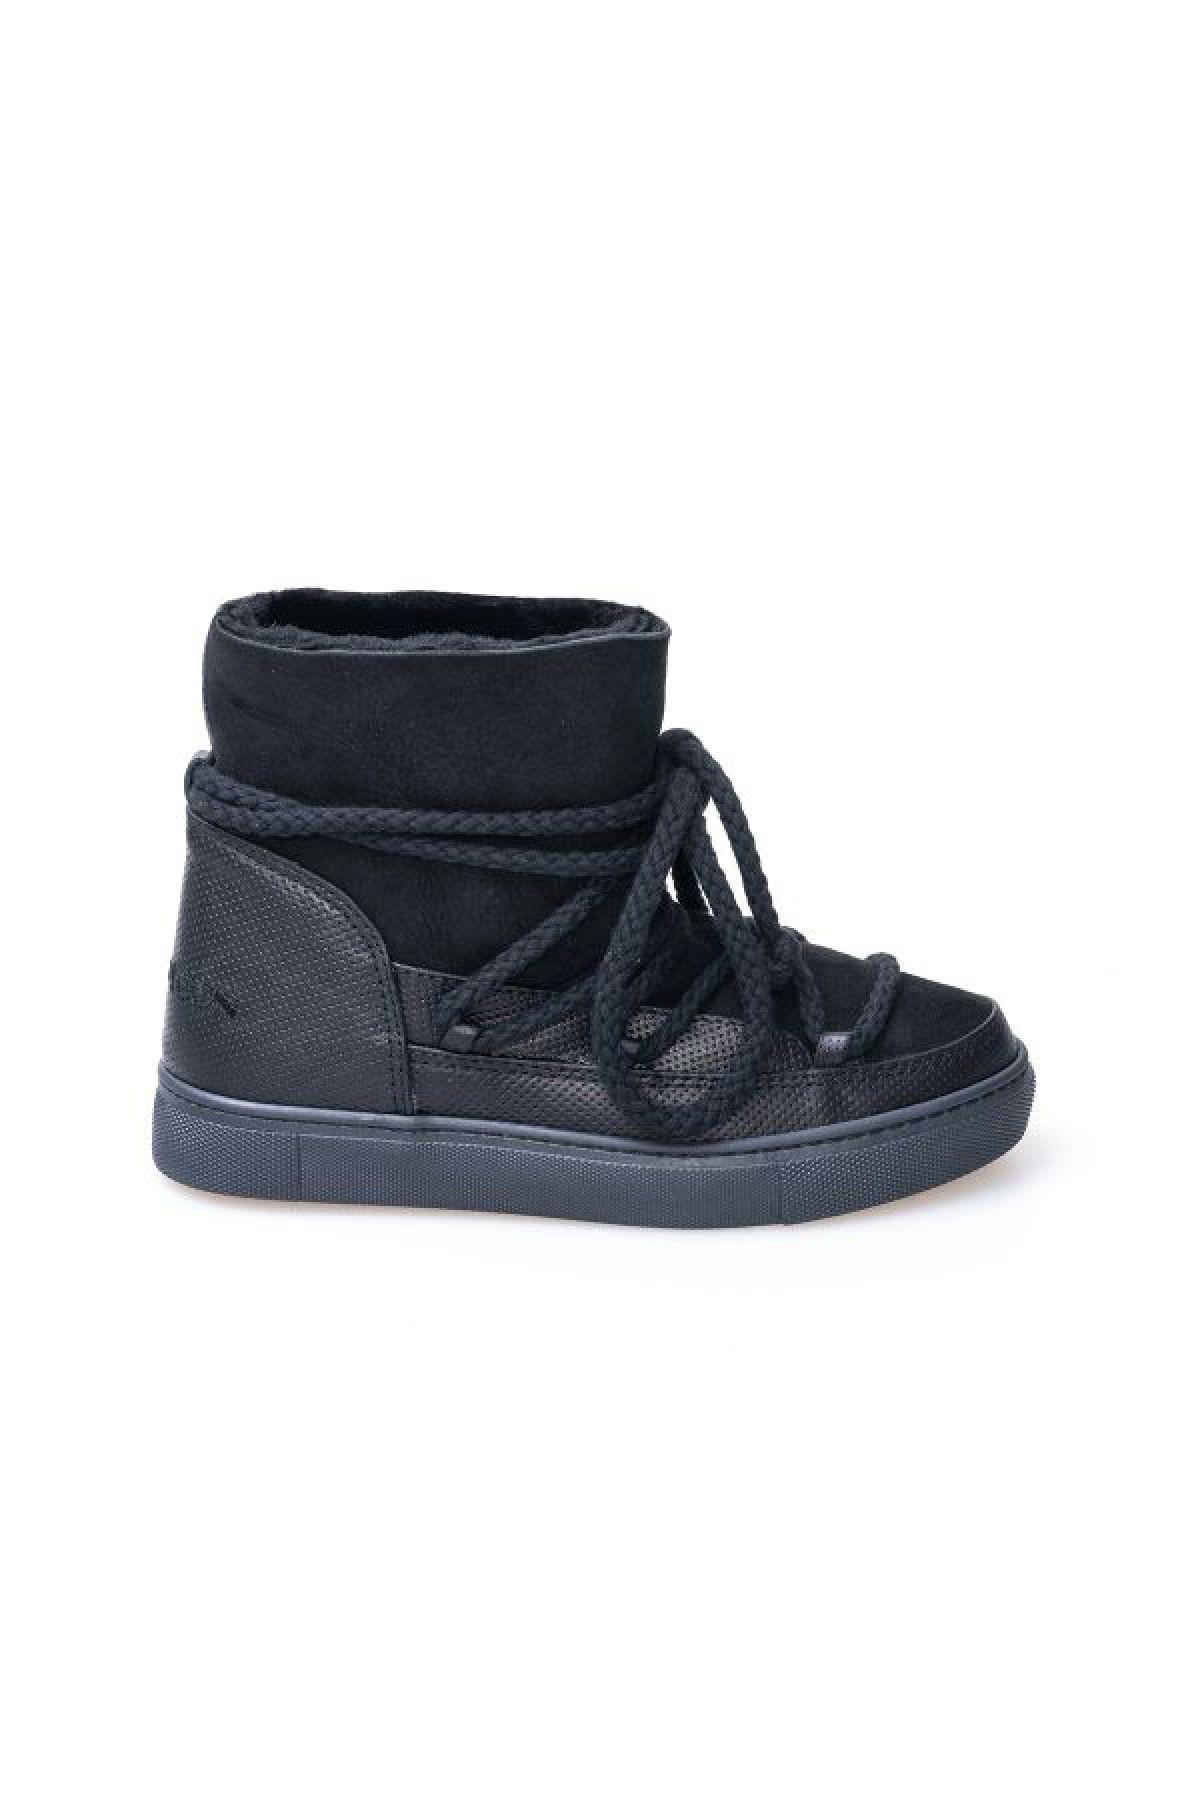 Cool Moon Genuine Leather & Sheepskin Women's Lace-up Sneaker 355029 Black